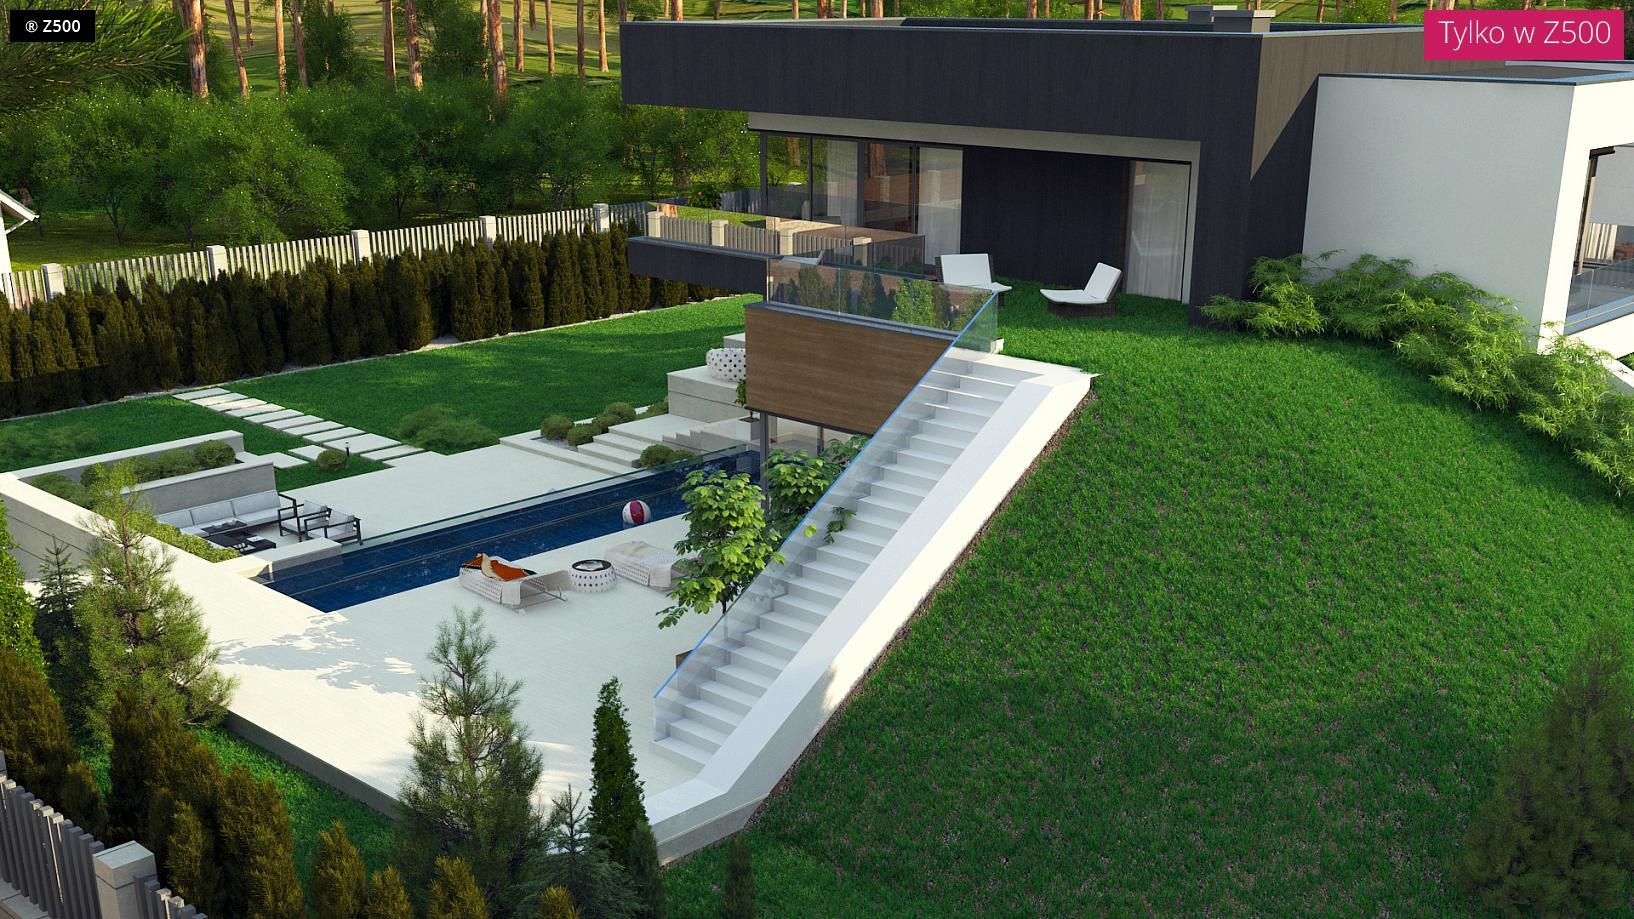 Precio proyecto casa 120 m2 quieres mayor seguridad y ahorro en tu proyecto with precio - Precio proyecto casa 120 m2 ...